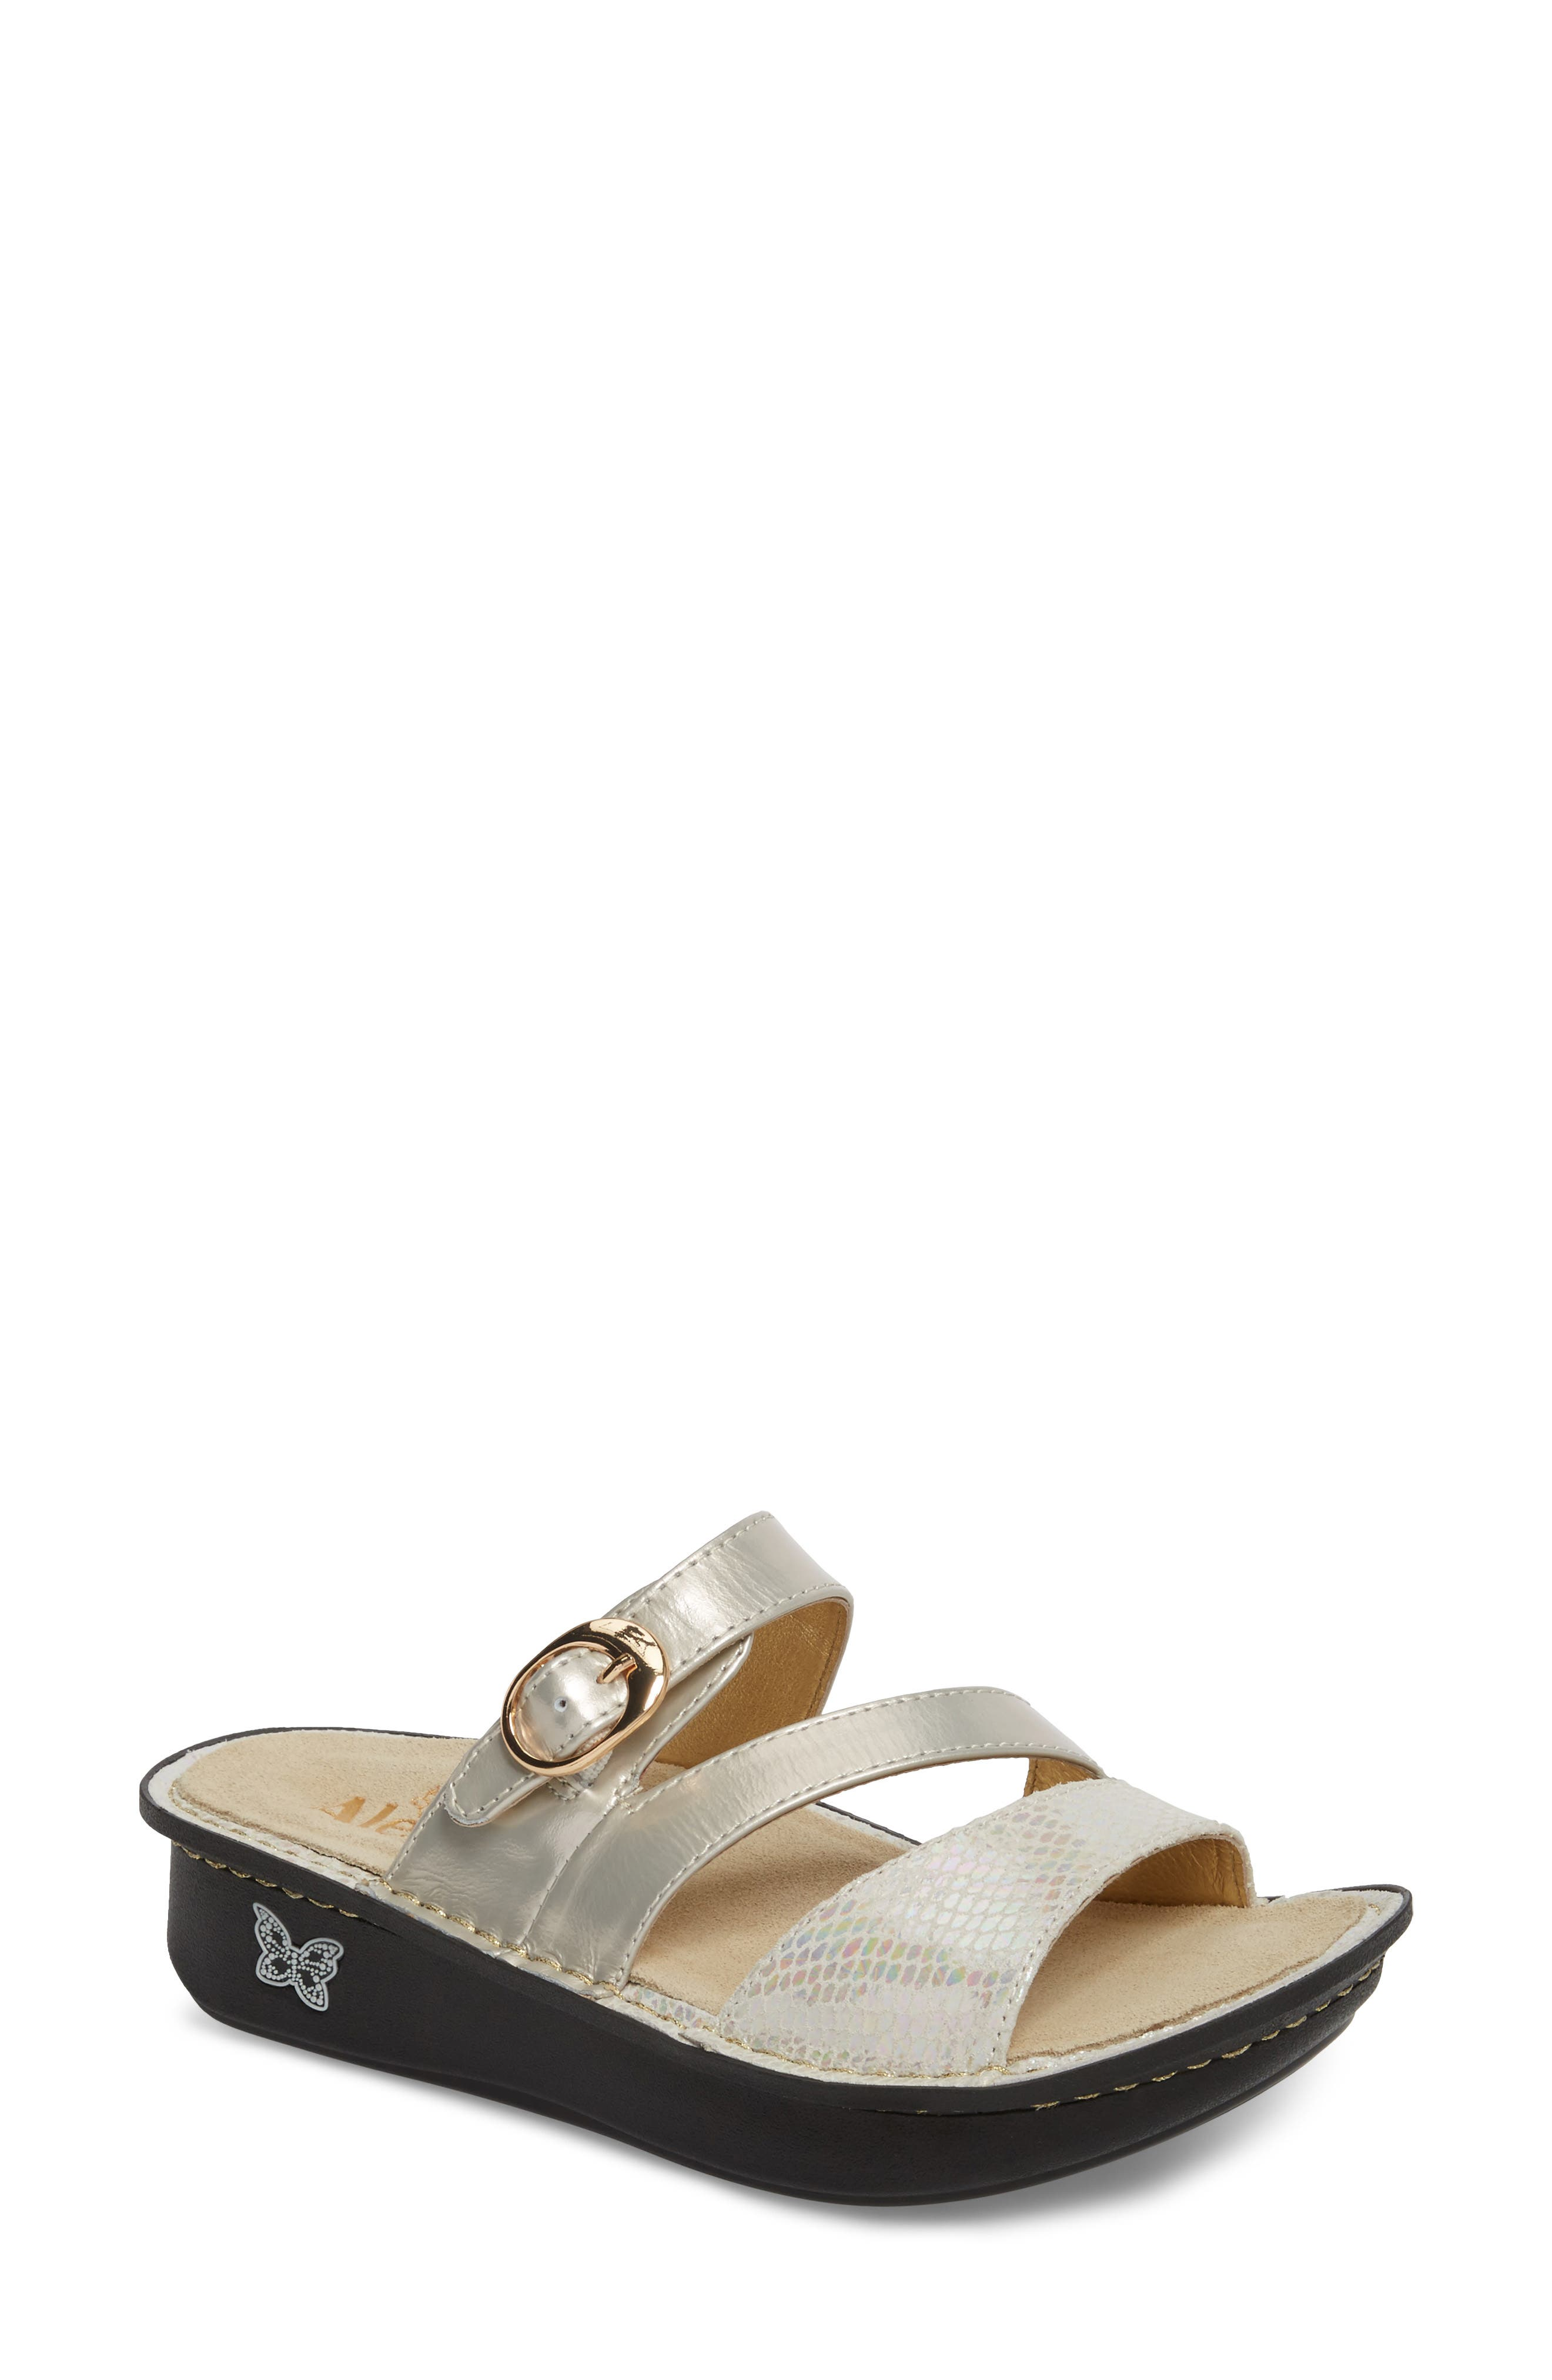 Women's Alegria 'Colette' Platform Sandal